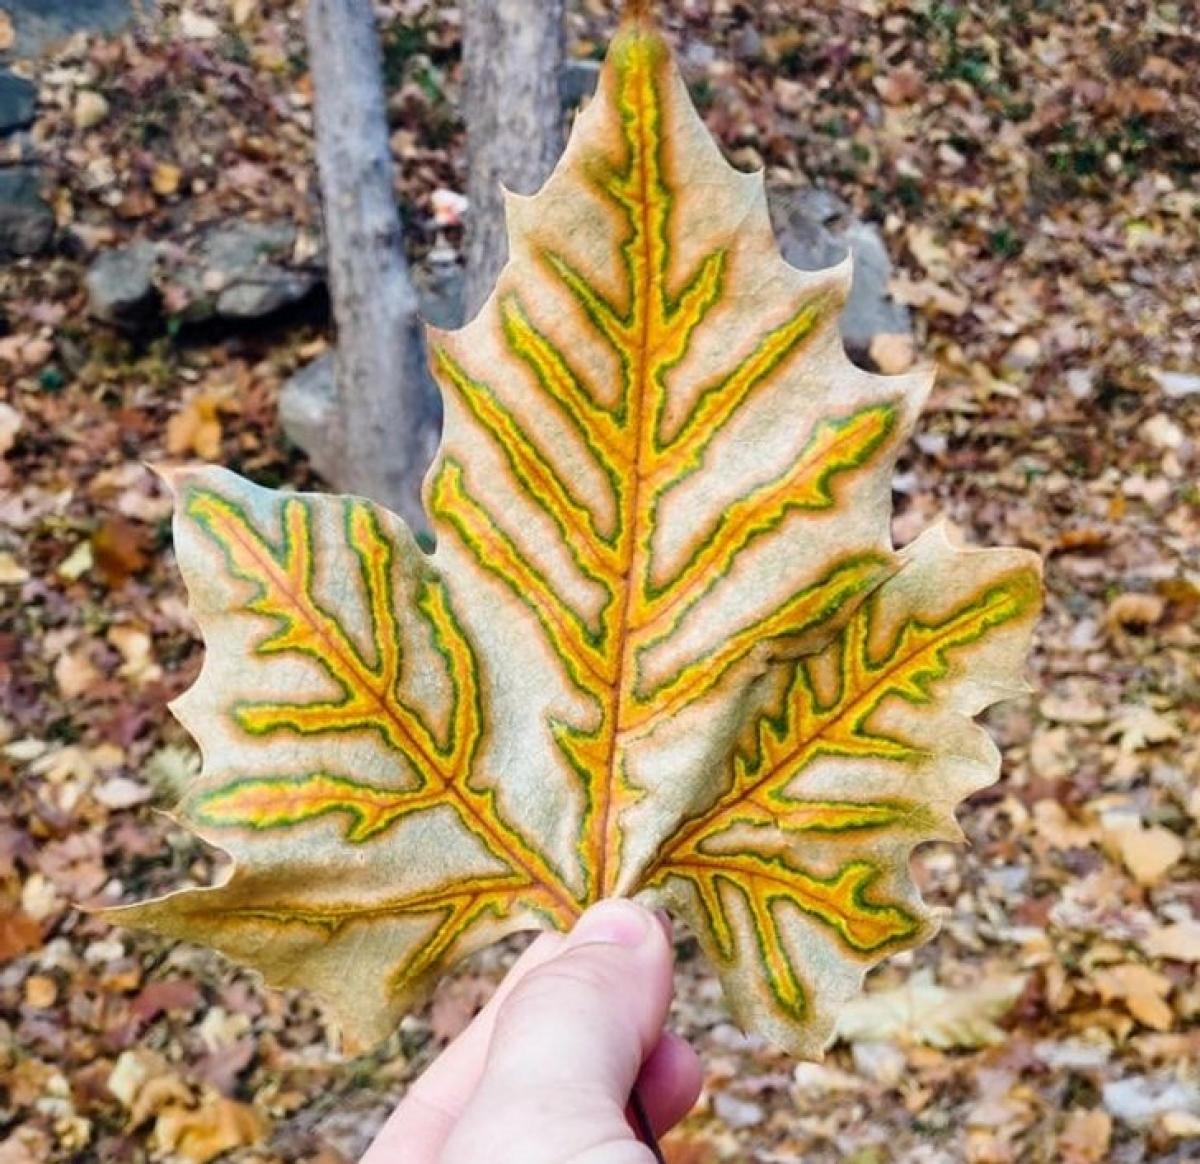 Màu sắc kỳ lạ của chiếc lá.